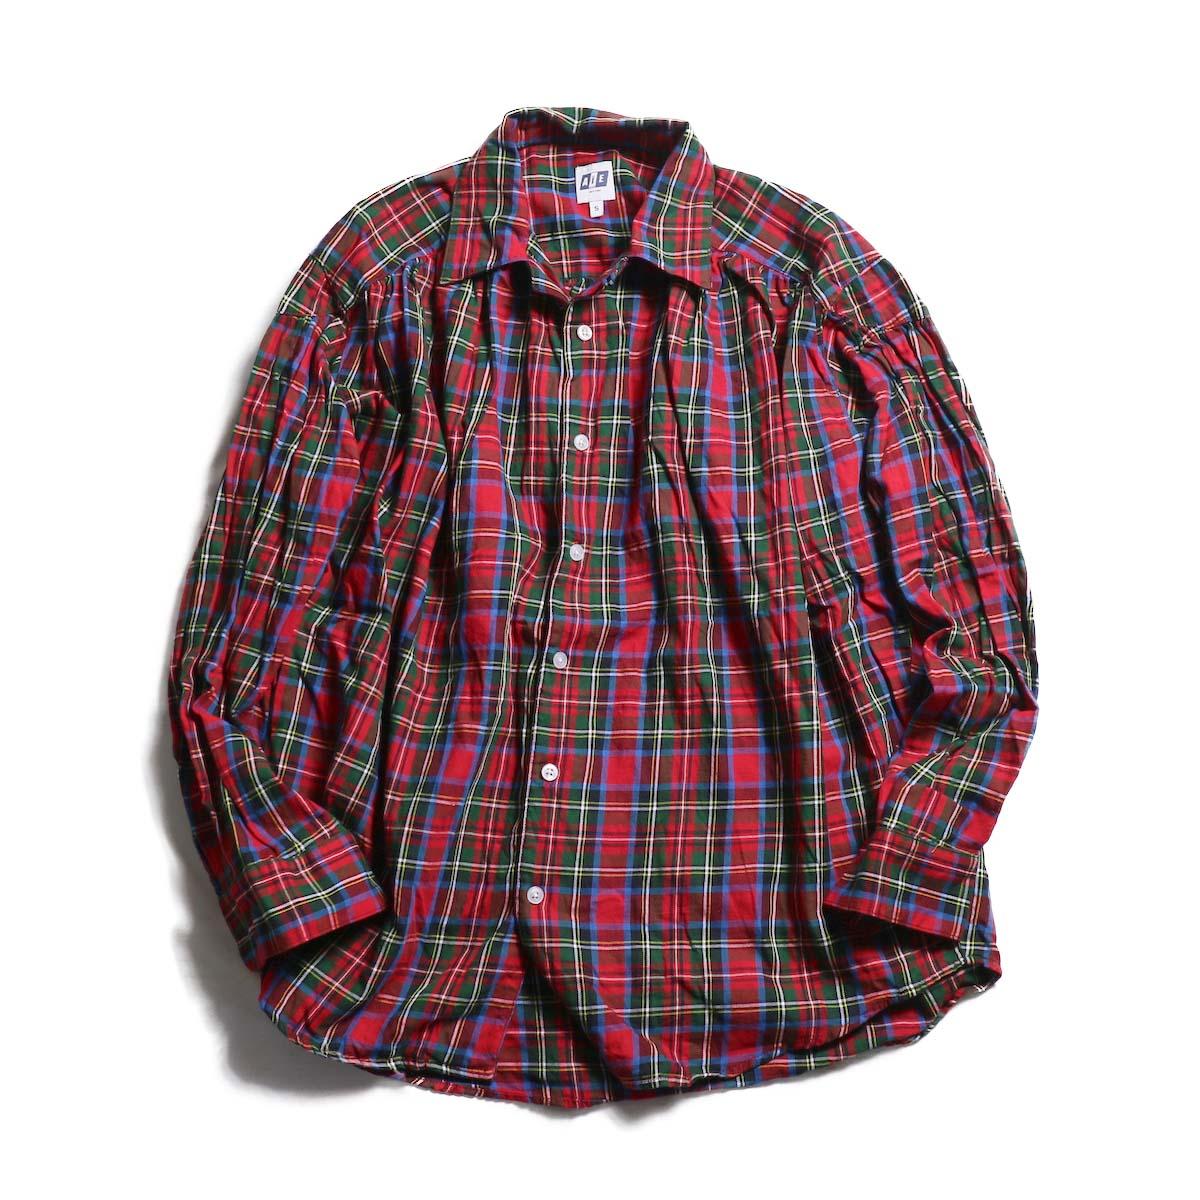 AiE / painter shirt - multi cotton plaid